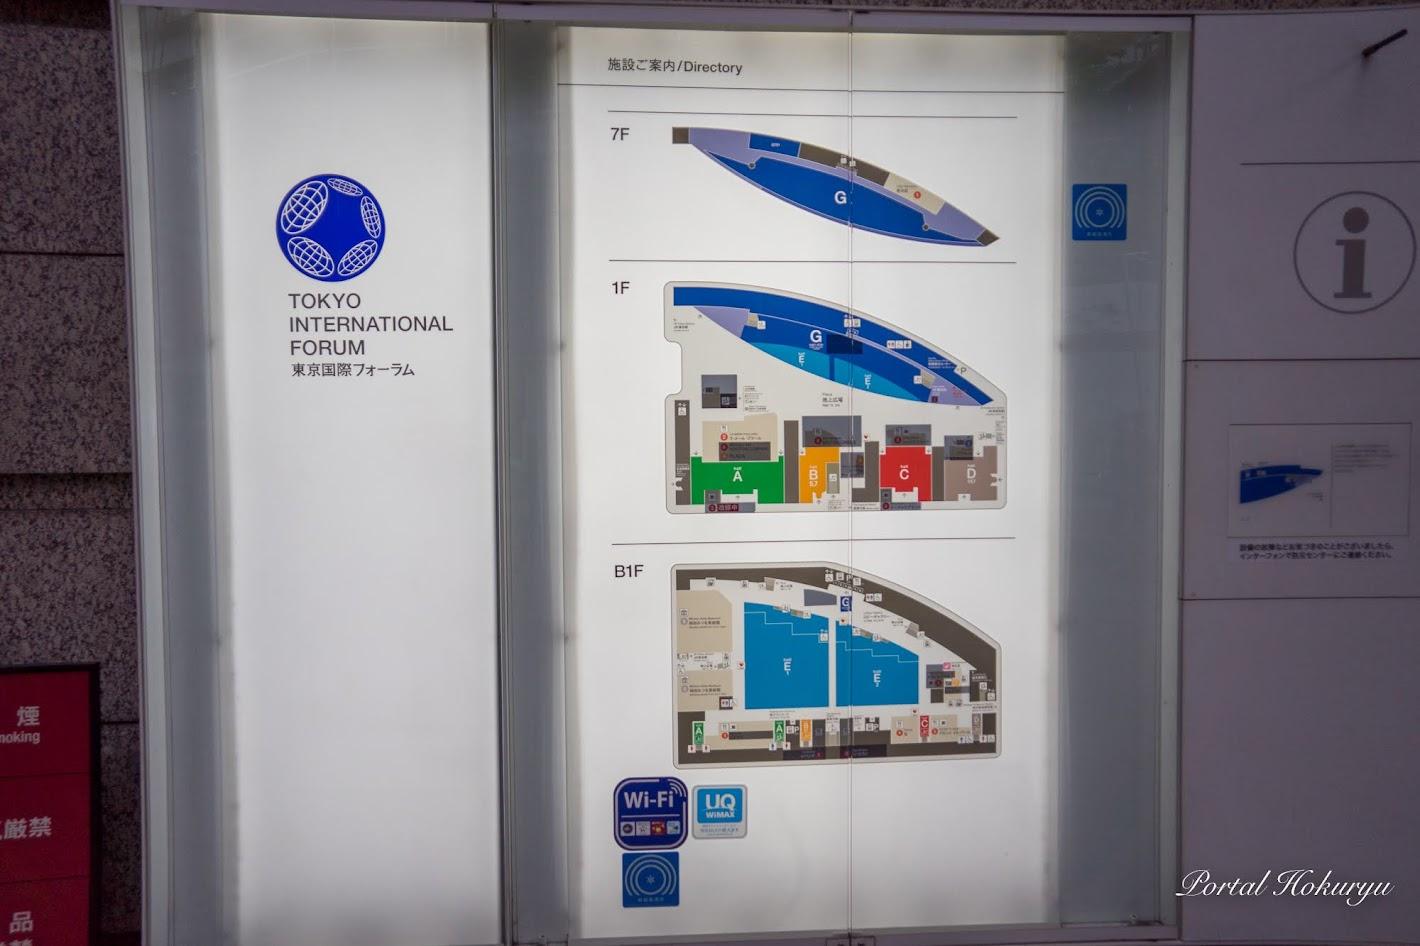 東京国際フォーラム案内図